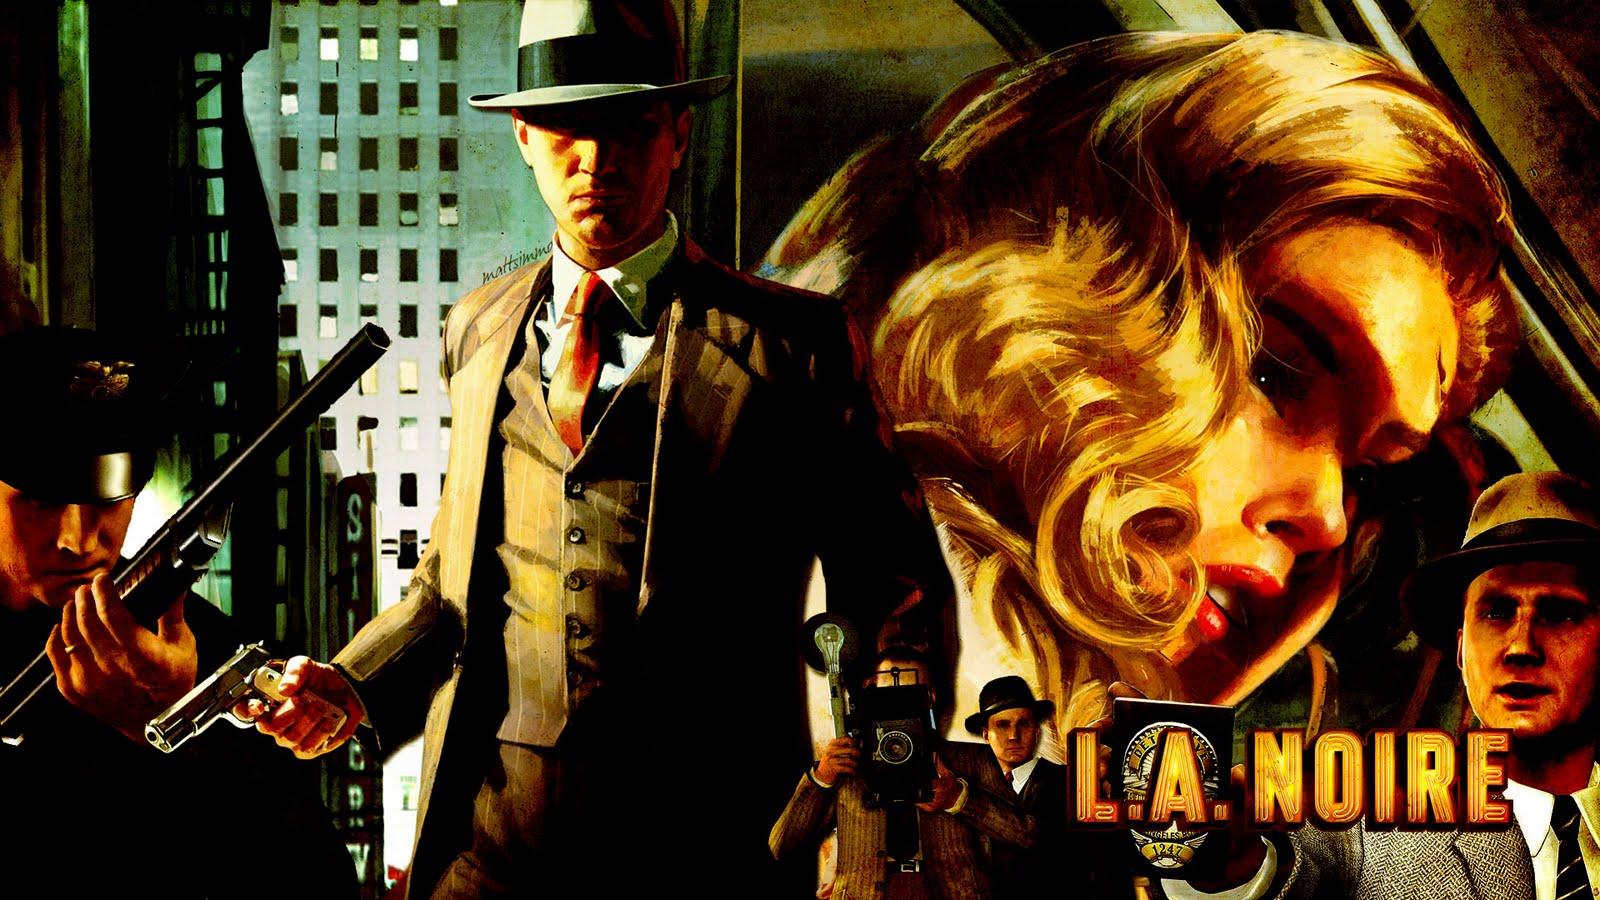 http://1.bp.blogspot.com/-1kthjMk_05k/Tn3po1JU0GI/AAAAAAAABoM/KhI2AOR3IRM/s1600/L.A.+Noire+Wallpaper.jpg